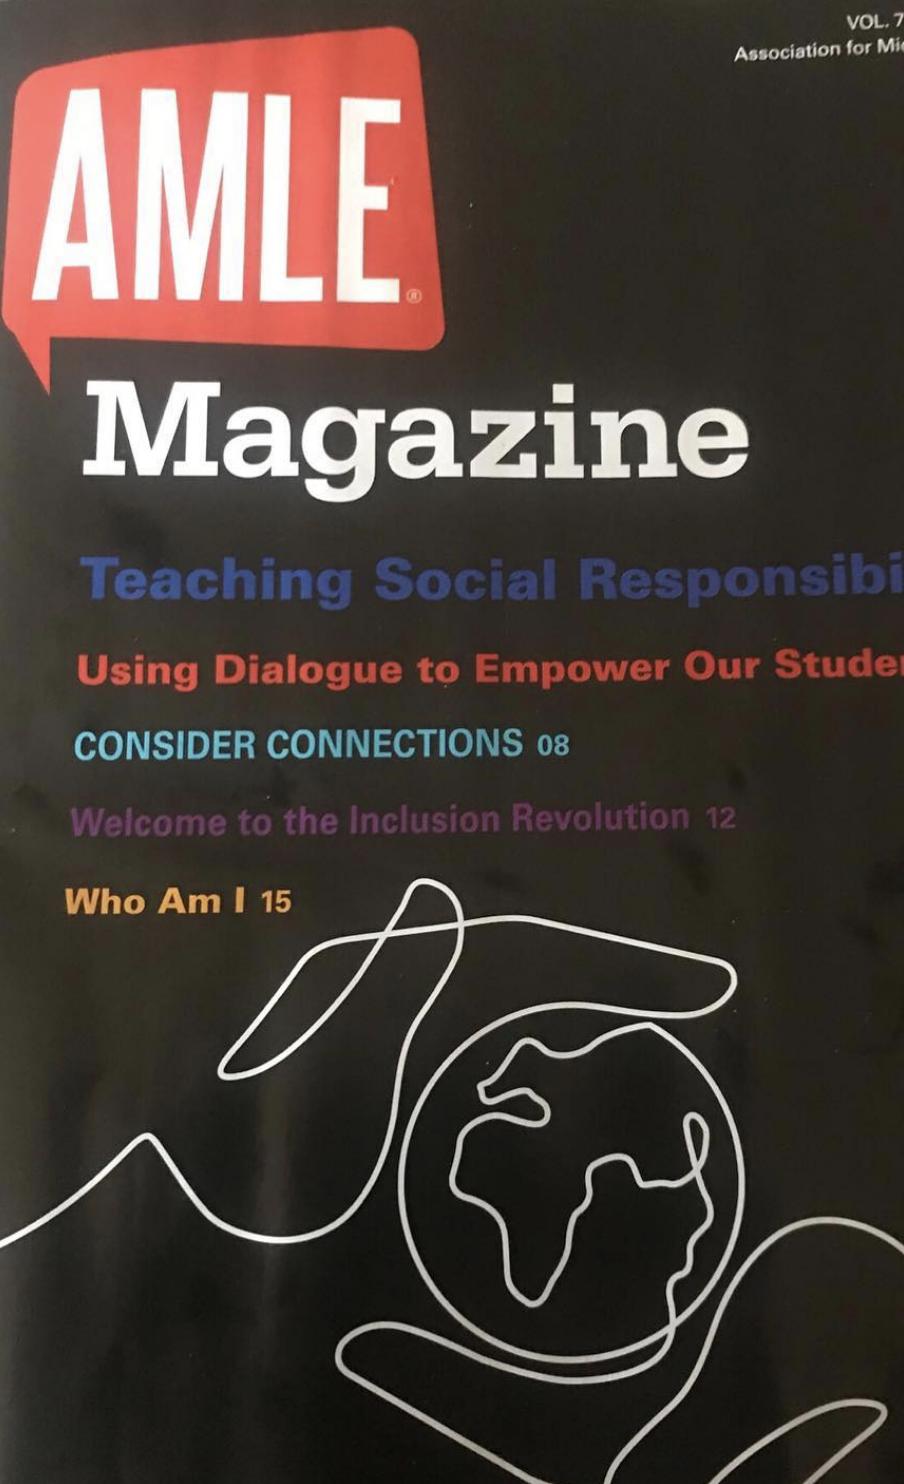 AMLE Magazine